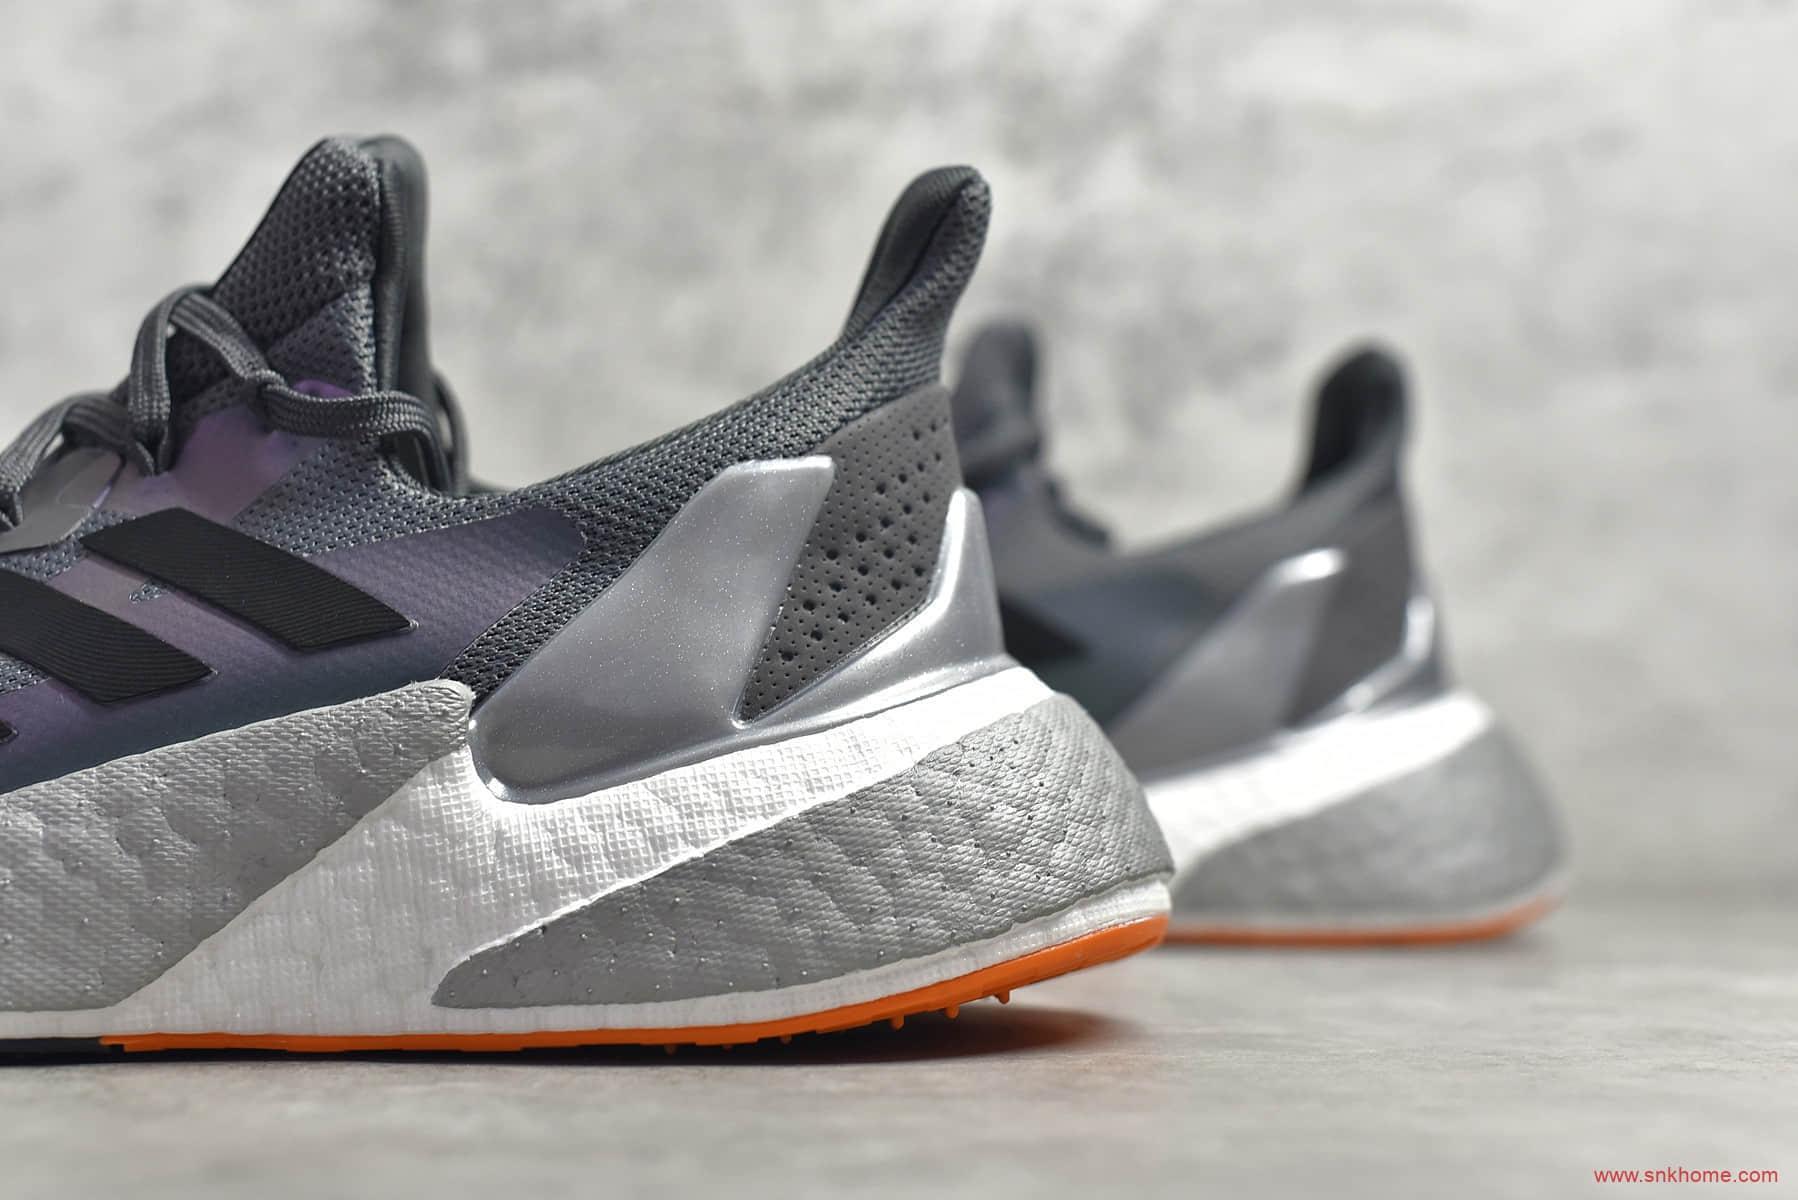 贝克汉姆同款阿迪达斯 Adidas Boost X9000L4 阿迪达斯新款跑鞋 货号:FY2348-潮流者之家